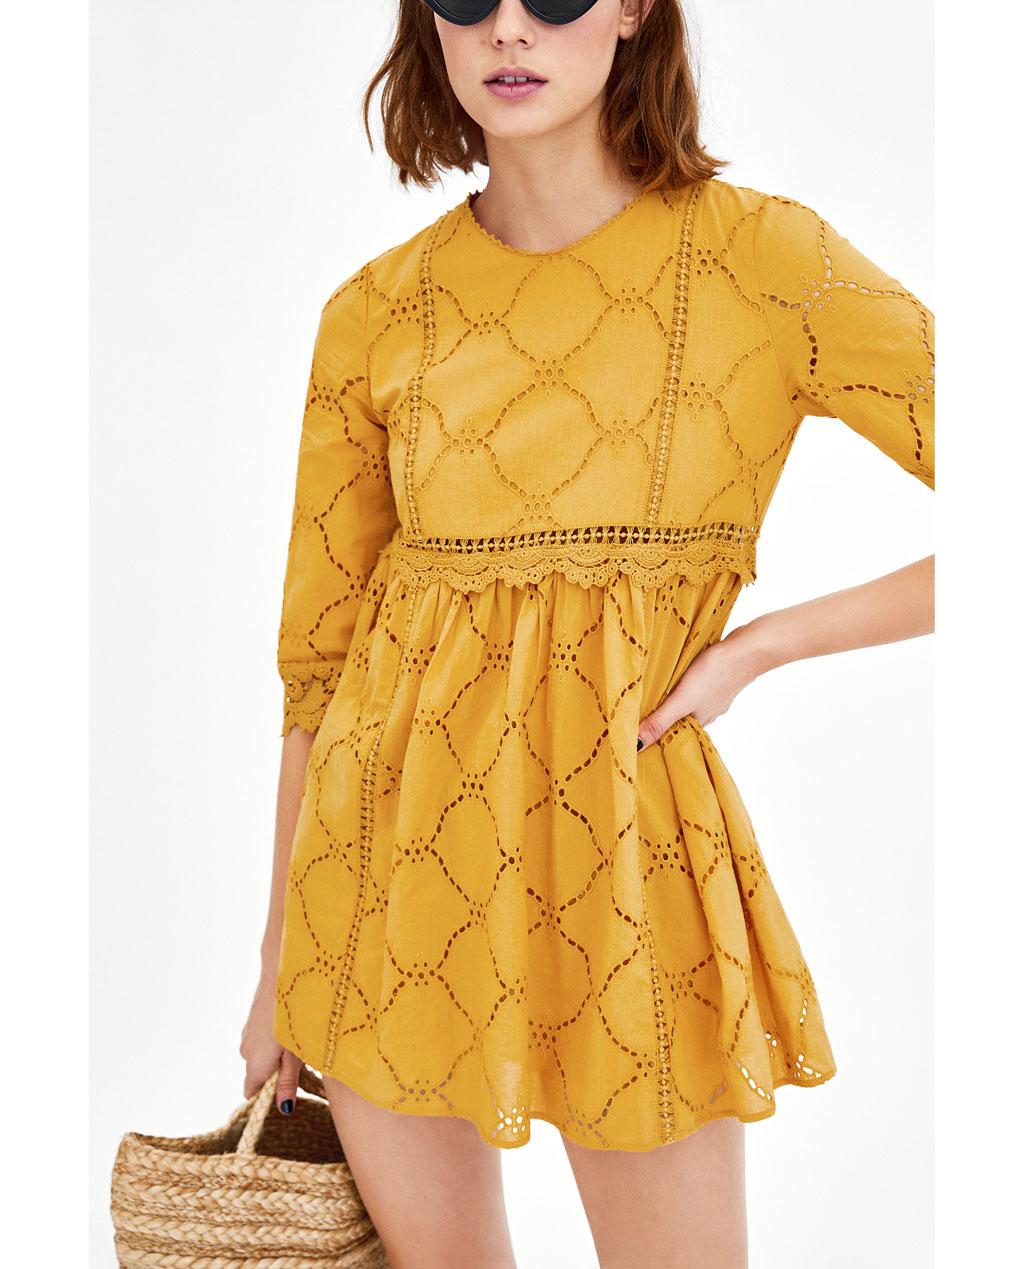 黄色连衣裙 ZYZA同款夏装新款女装刺绣镂空面料连体裤式连衣裙 00881125305_推荐淘宝好看的黄色连衣裙